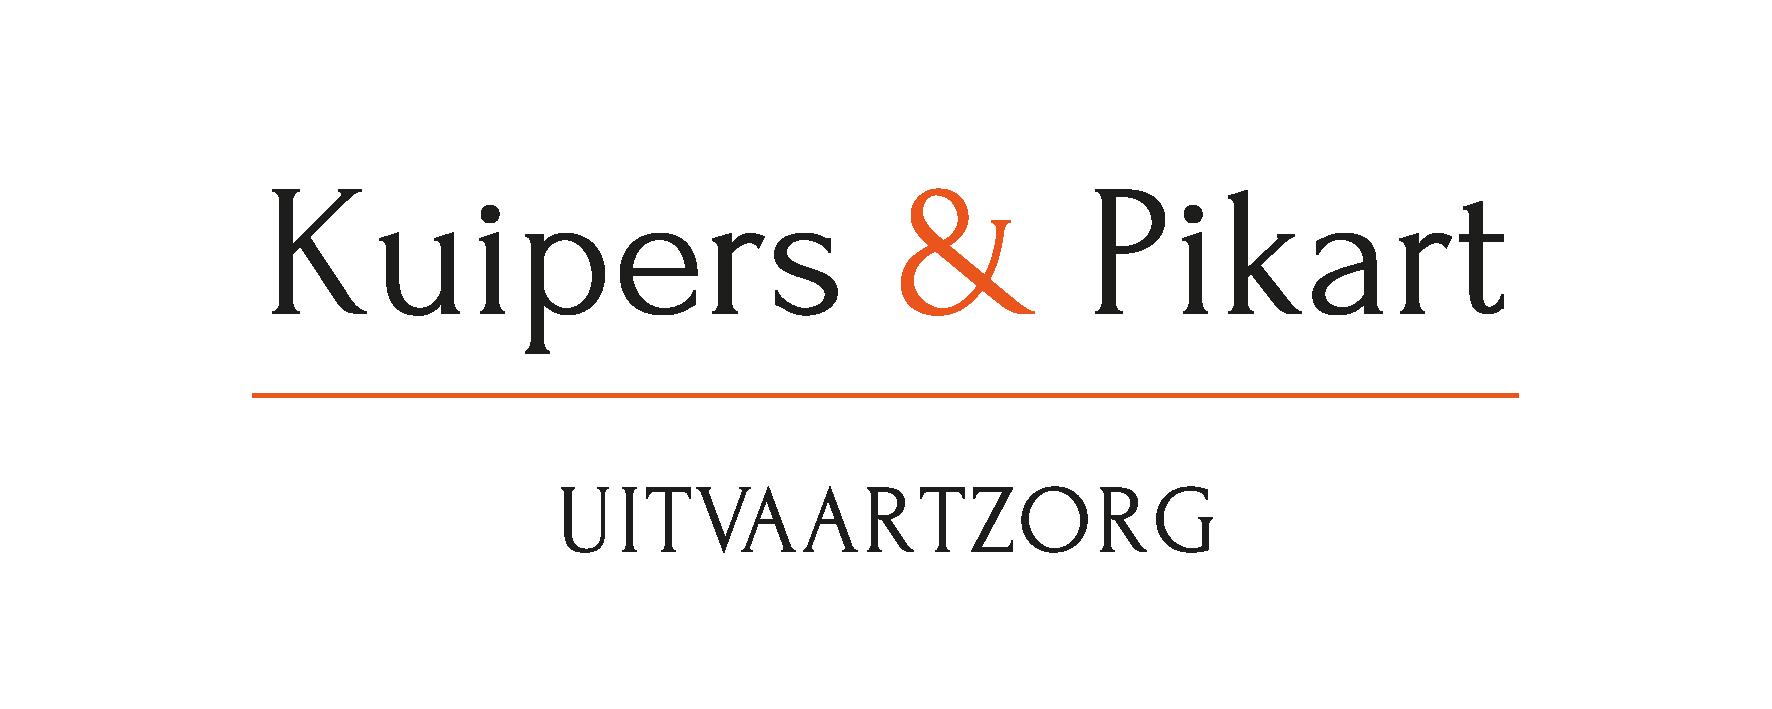 Kuipers & Pikart